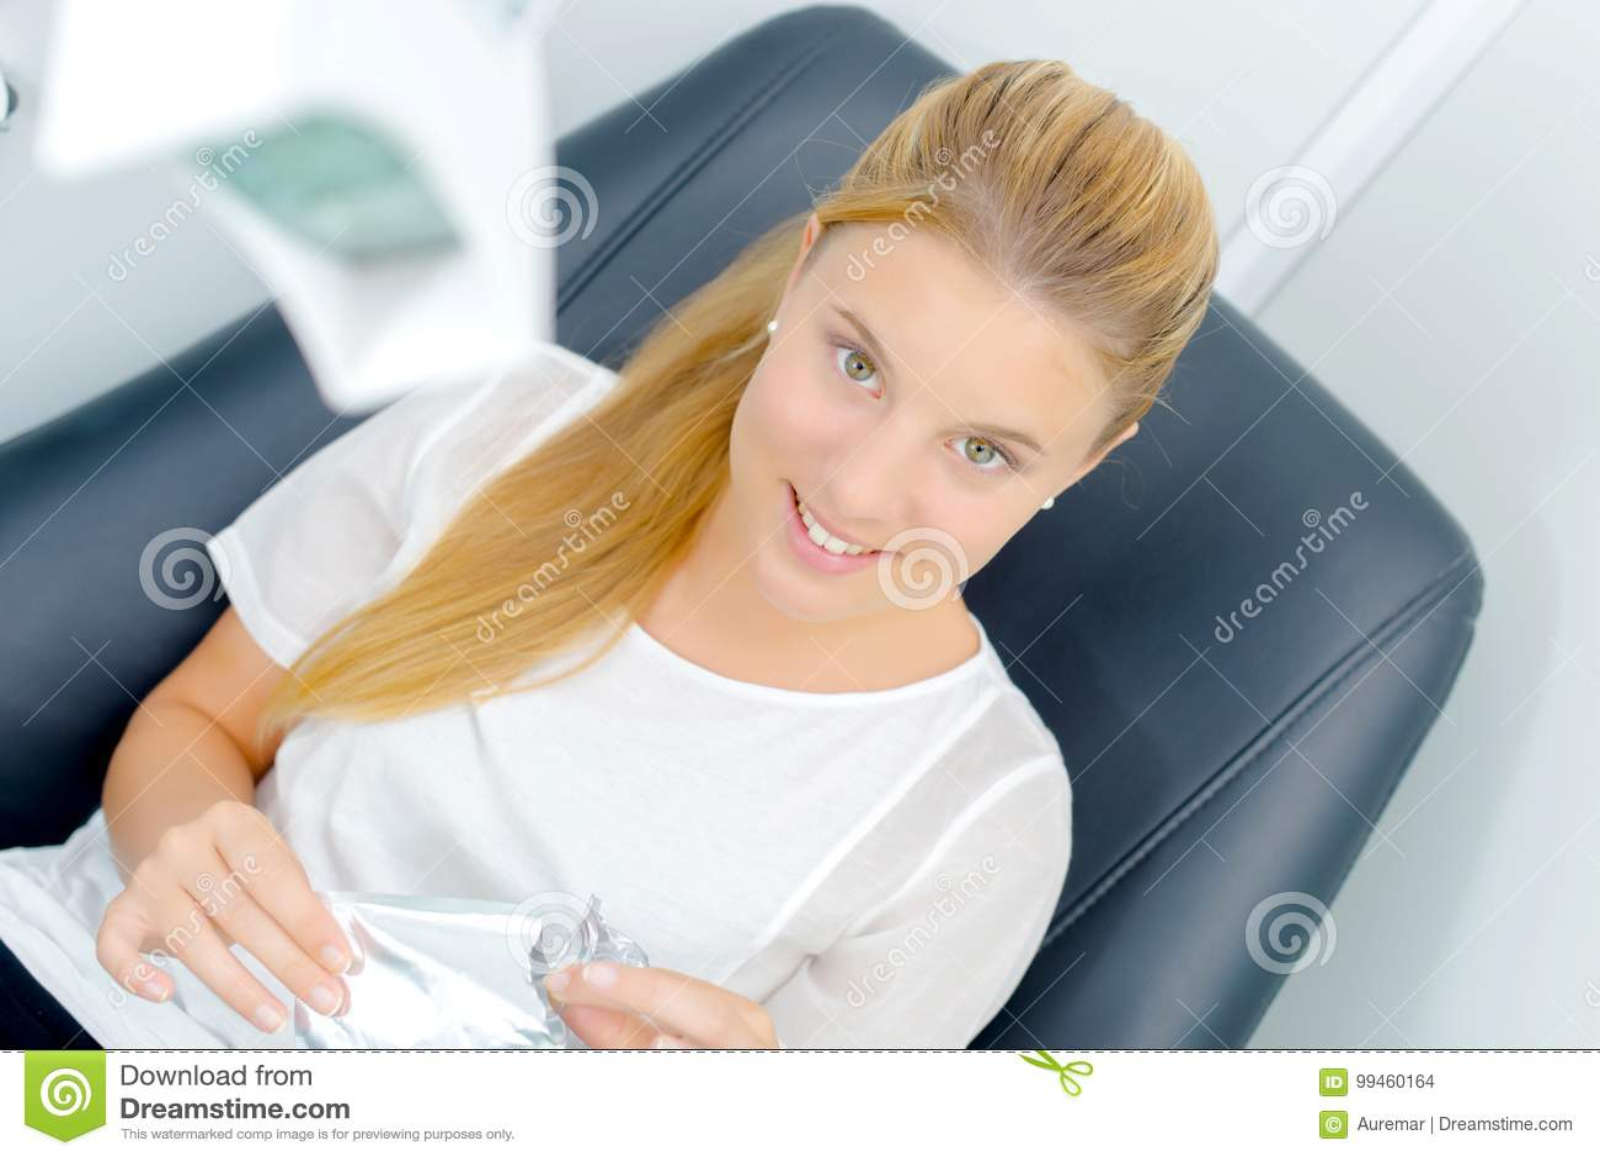 Kobieta siedząca w dentysty krześle